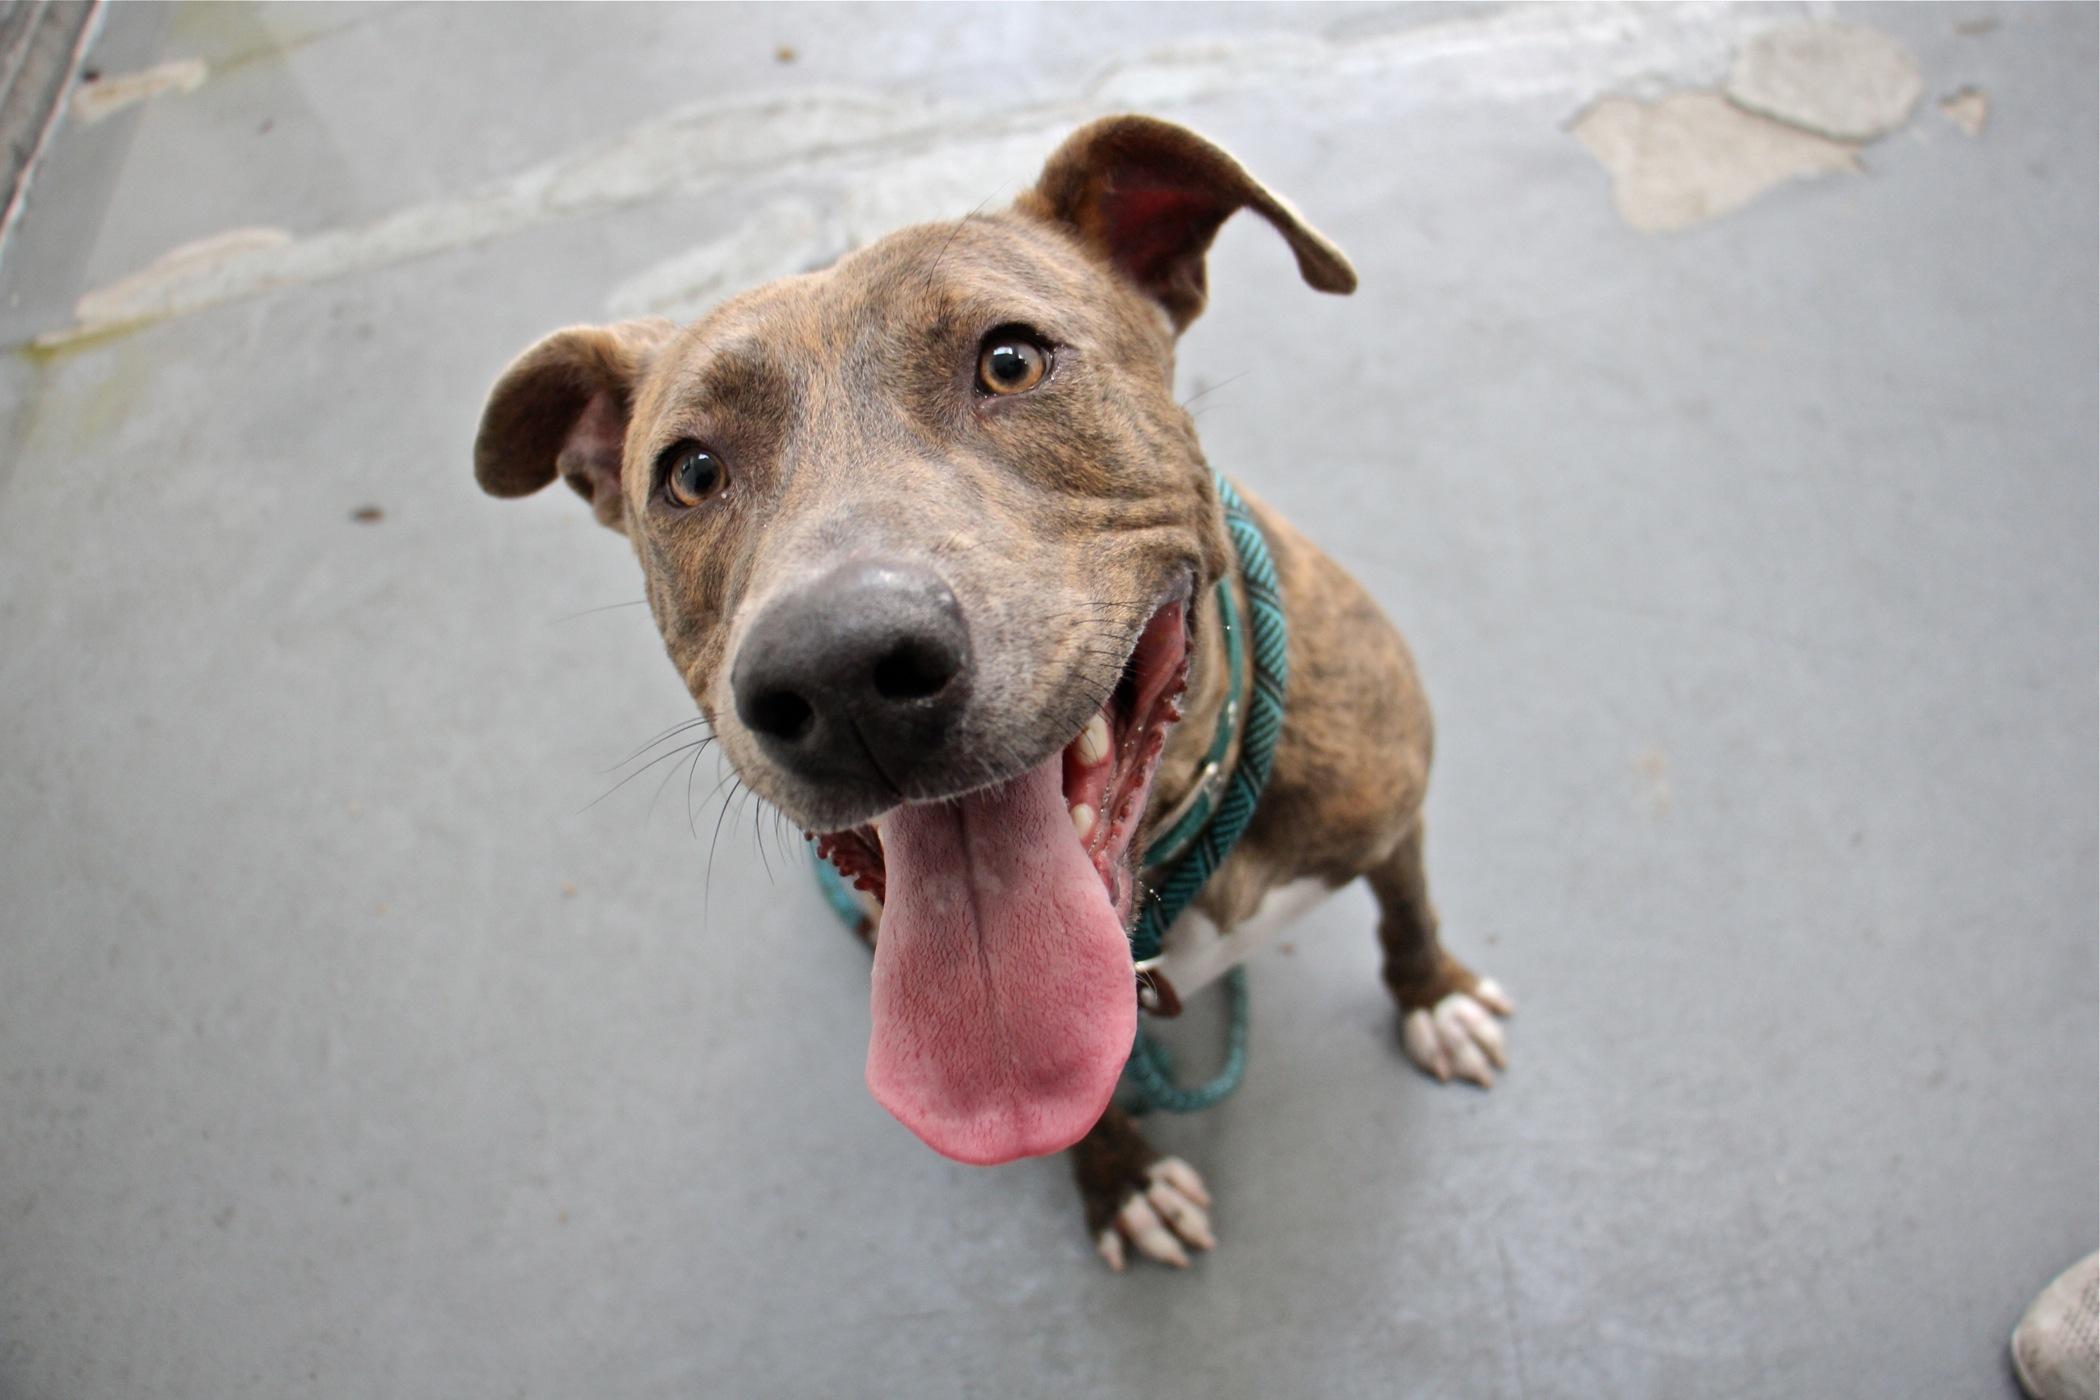 Judah, a high-energy dog at Morris Animal Refuge. (Emma Lee/WHYY)